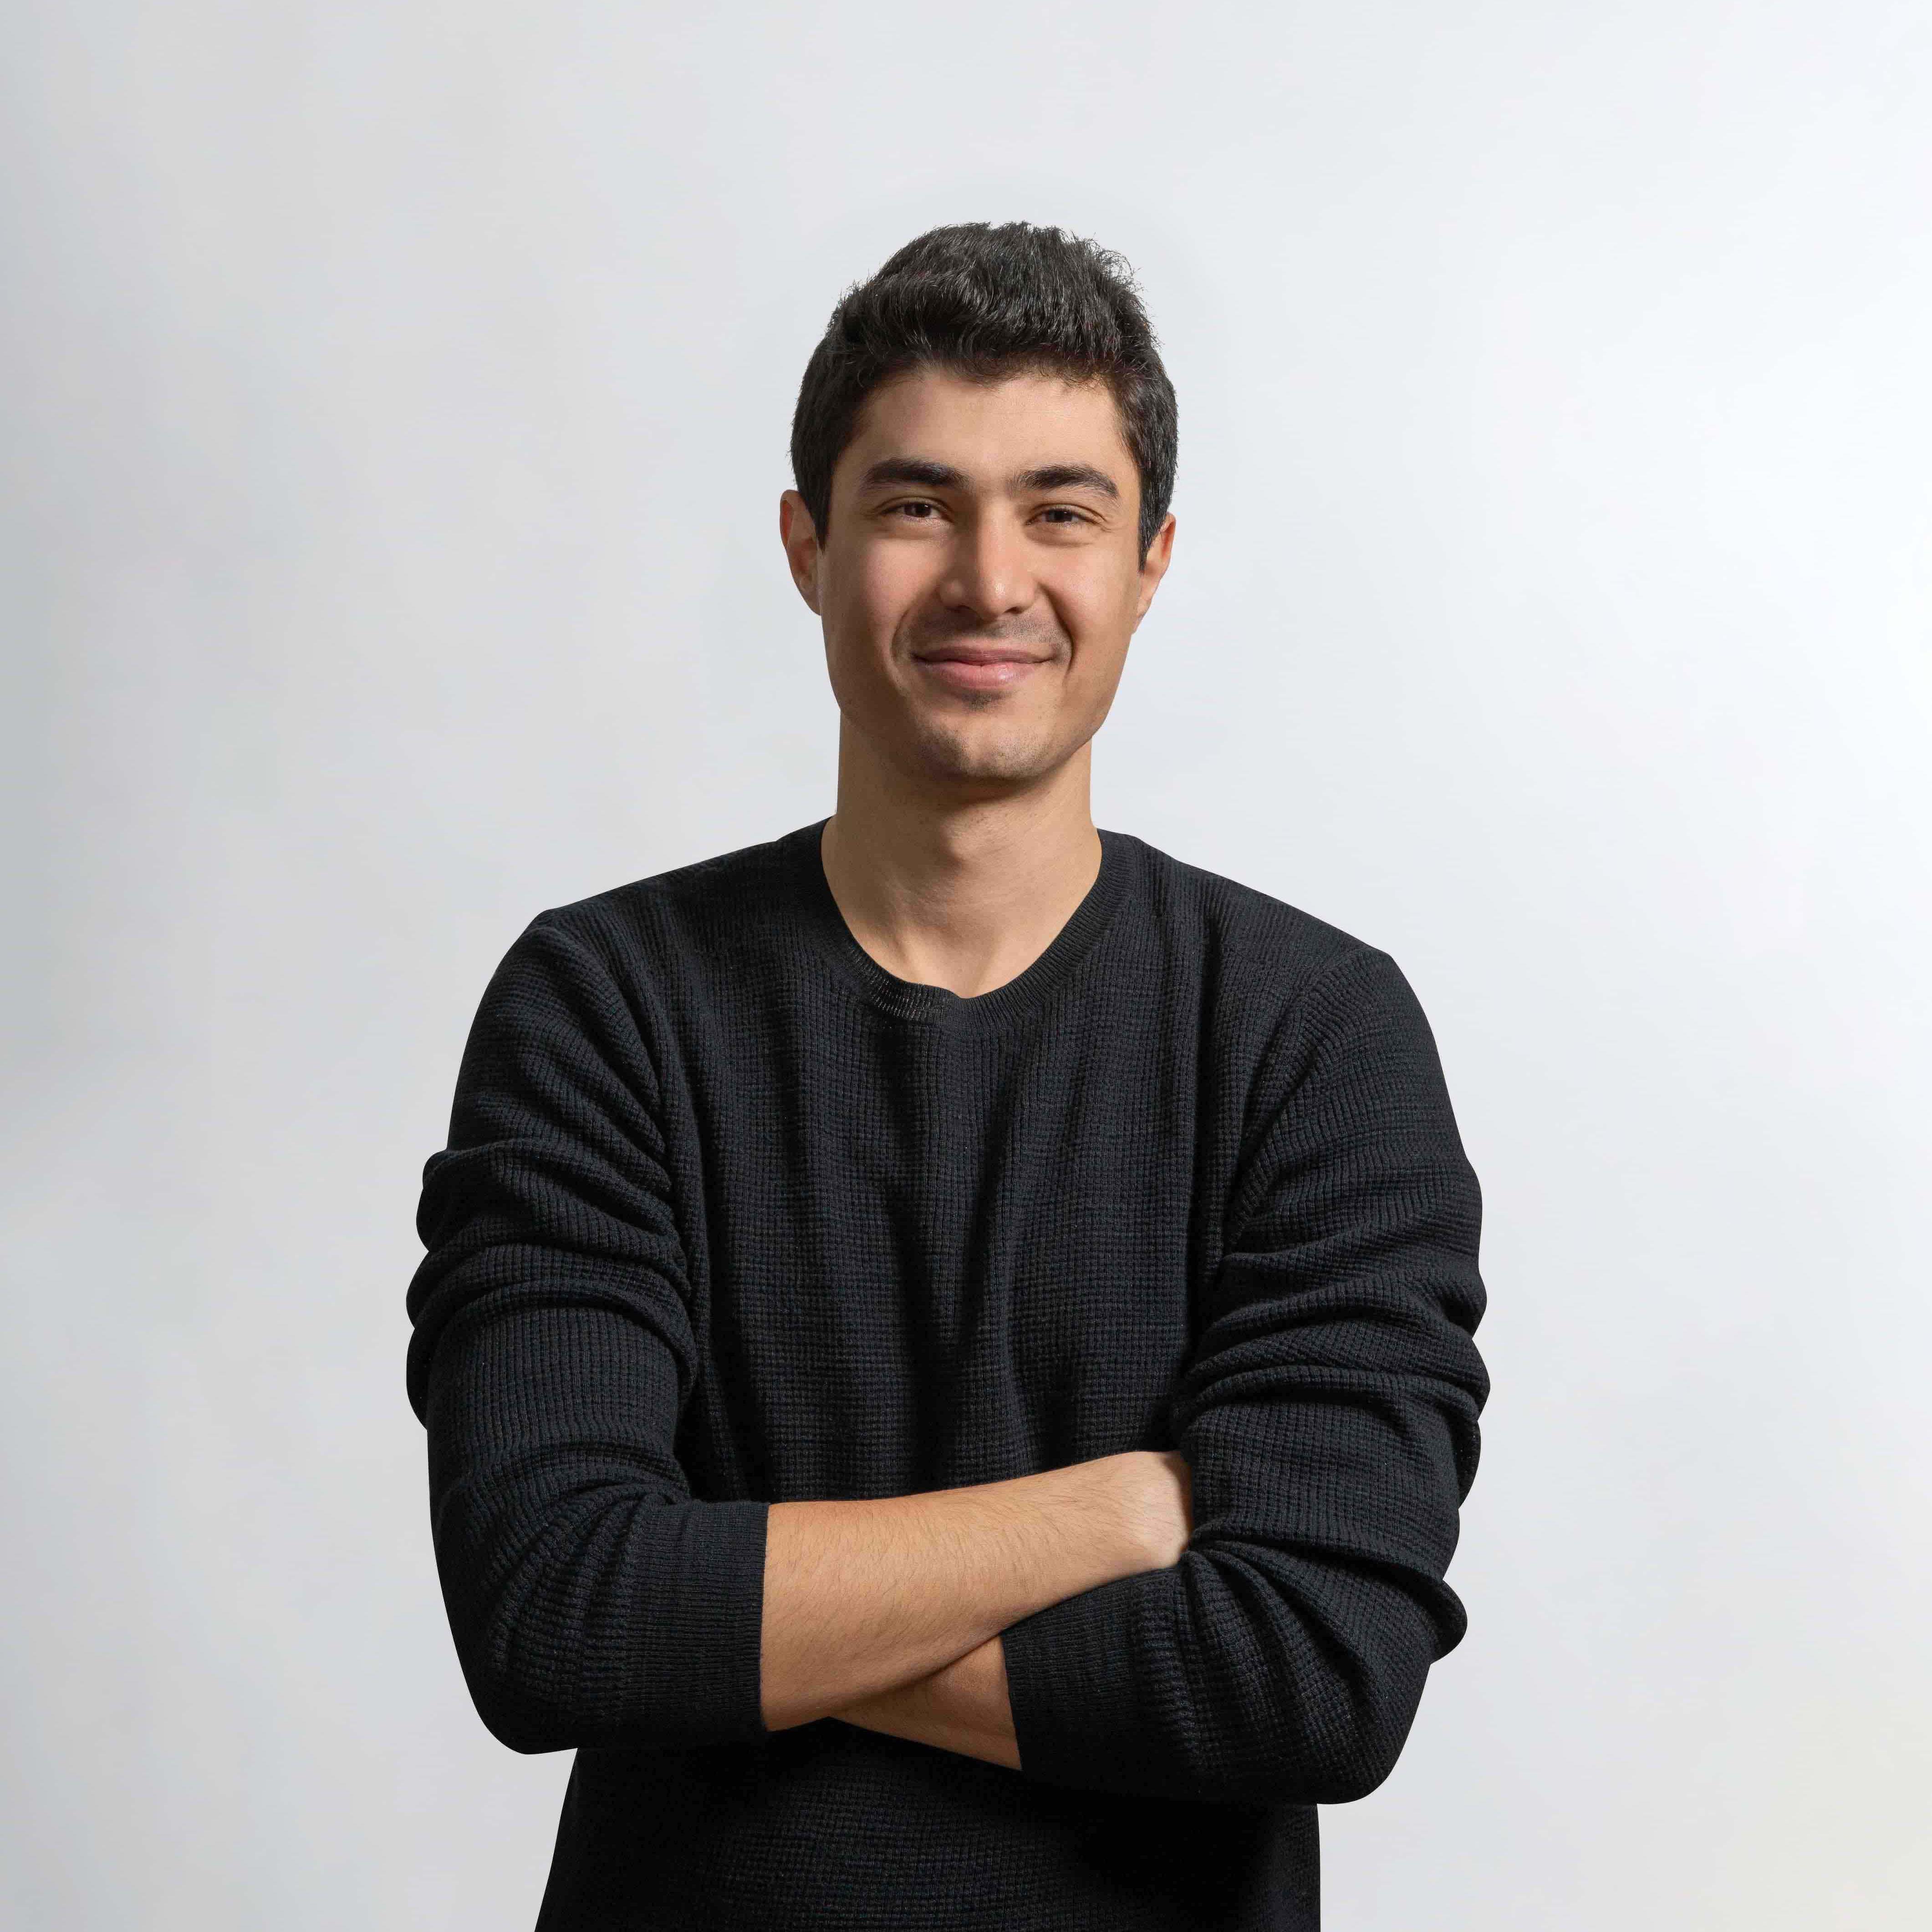 Hisham Elhaddad